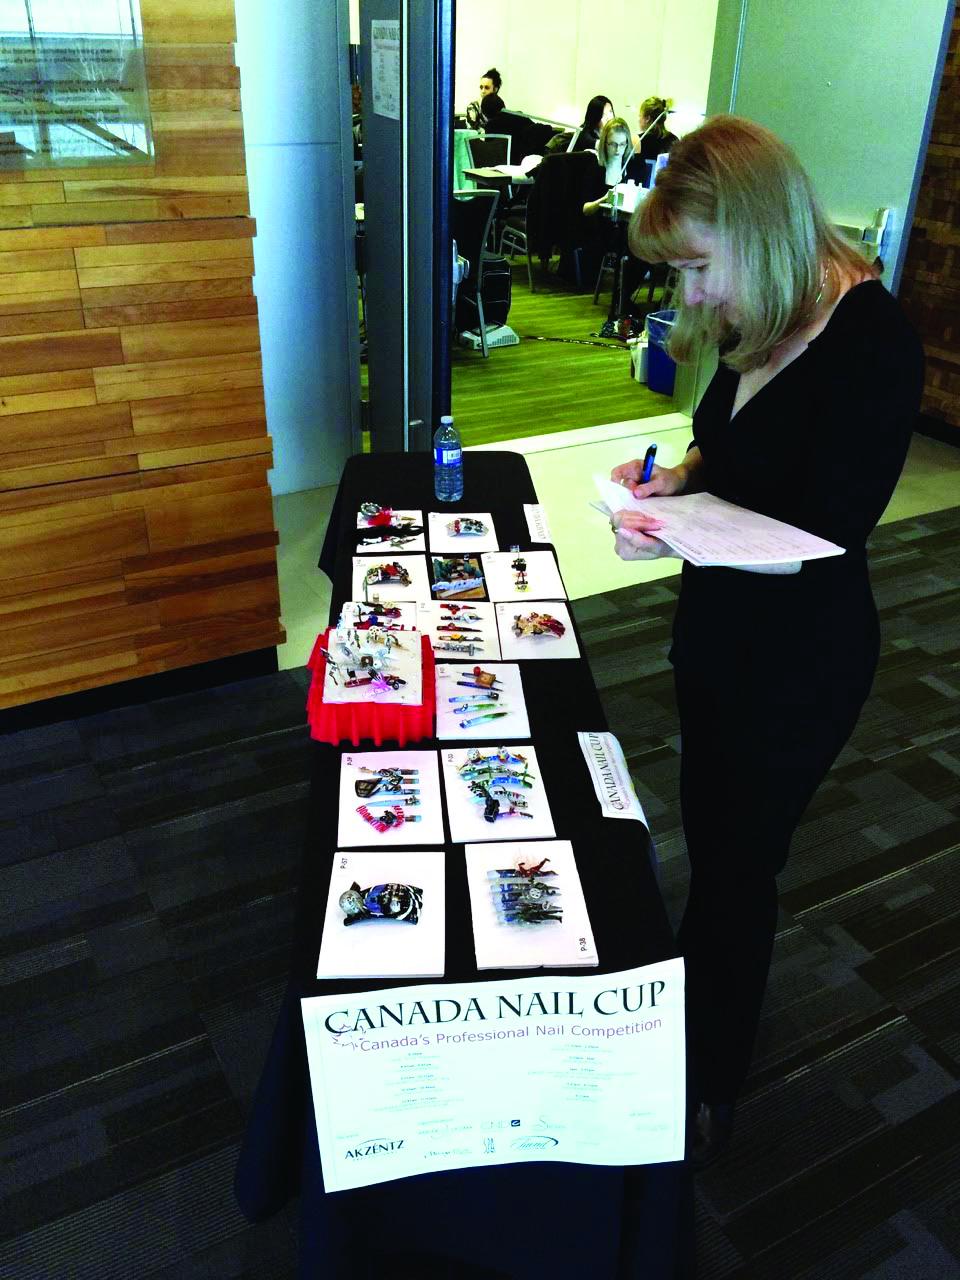 <p>A judge scores nail art at the Canada Nail Cup.</p>